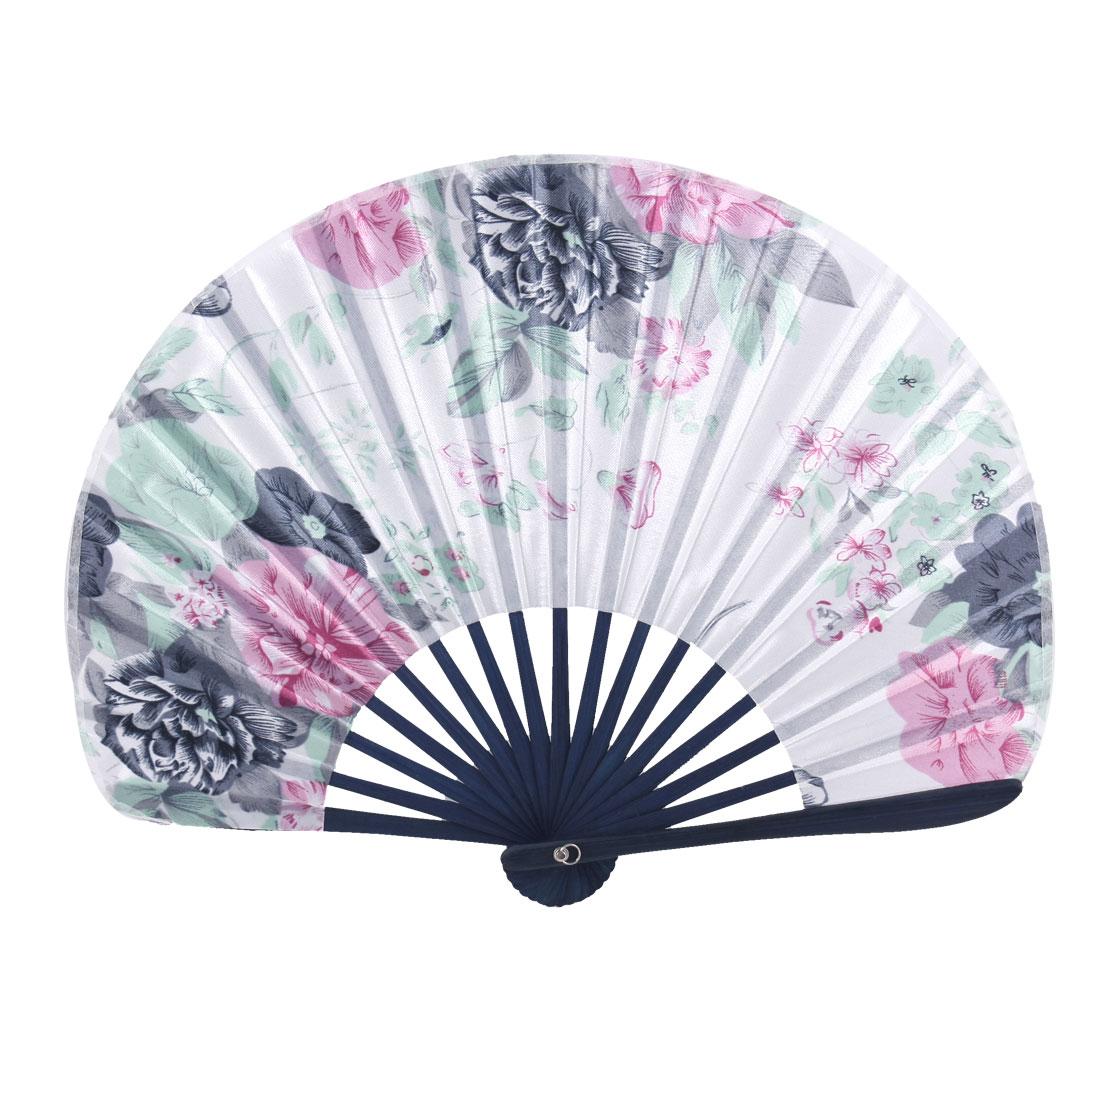 Multicolors Flowers Pattern Bamboo Handgrip Folding Hand Fan